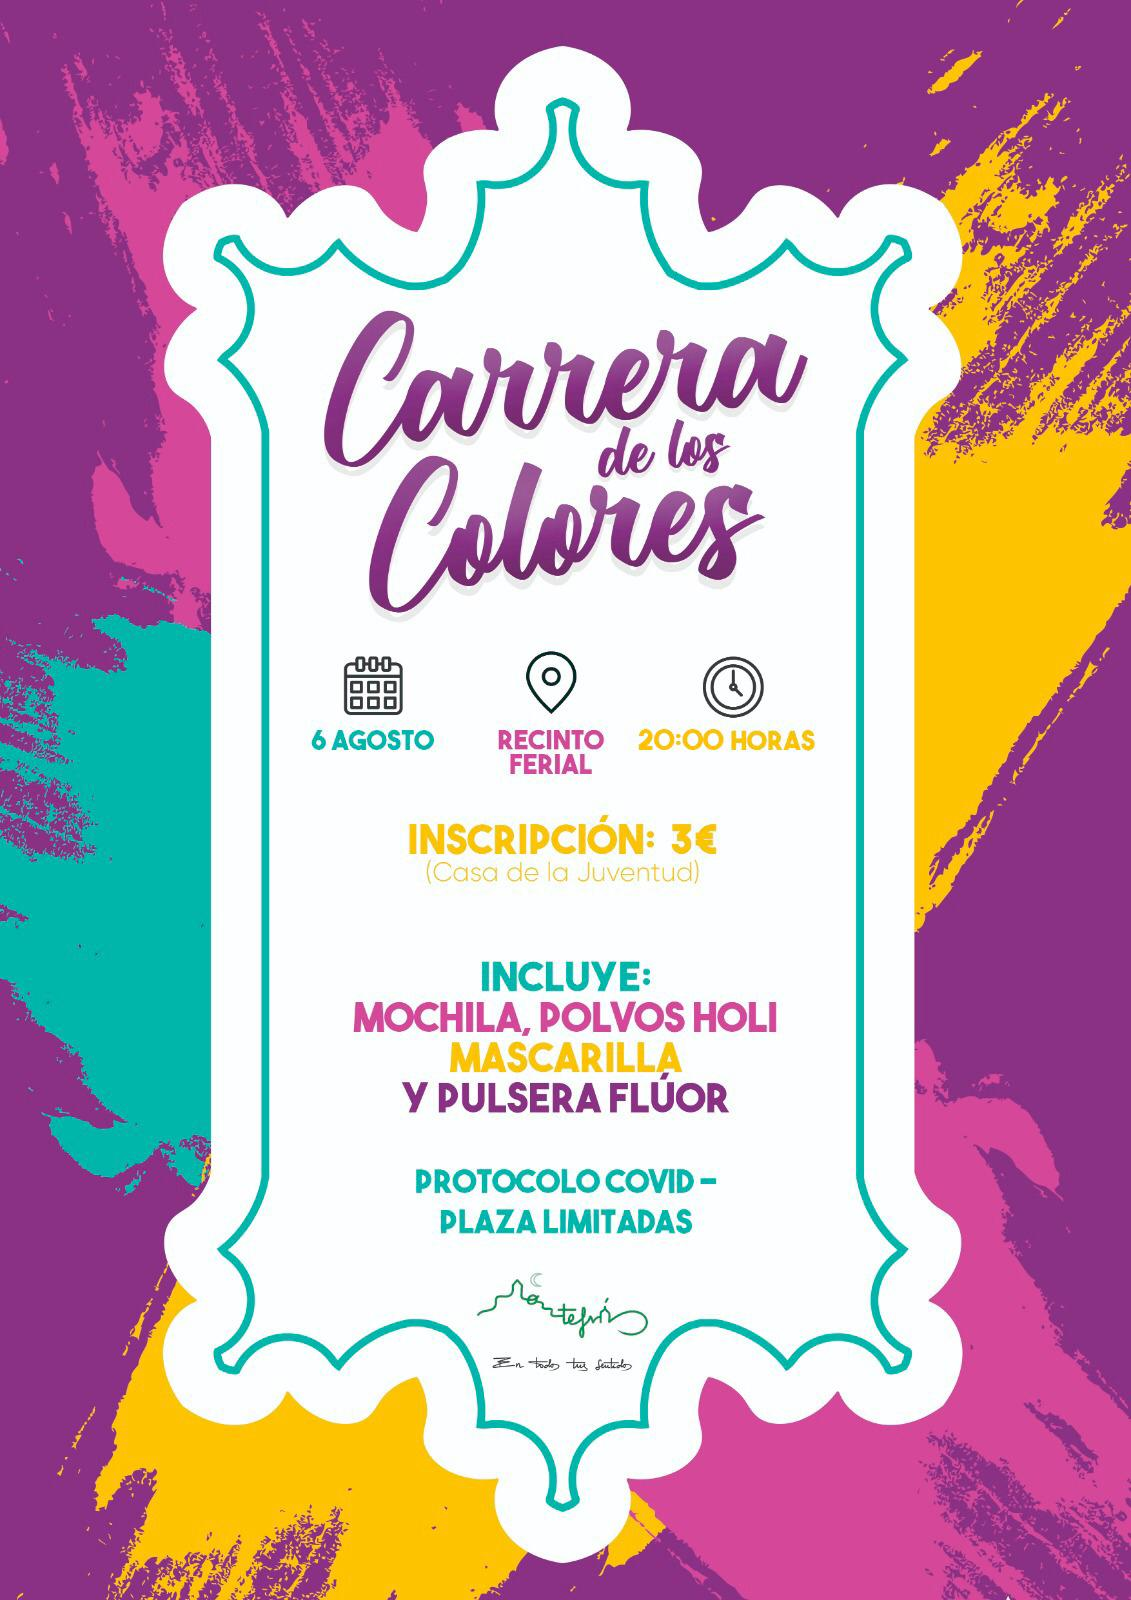 Montefrío organiza para este viernes una Carrera de los Colores en su recinto ferial